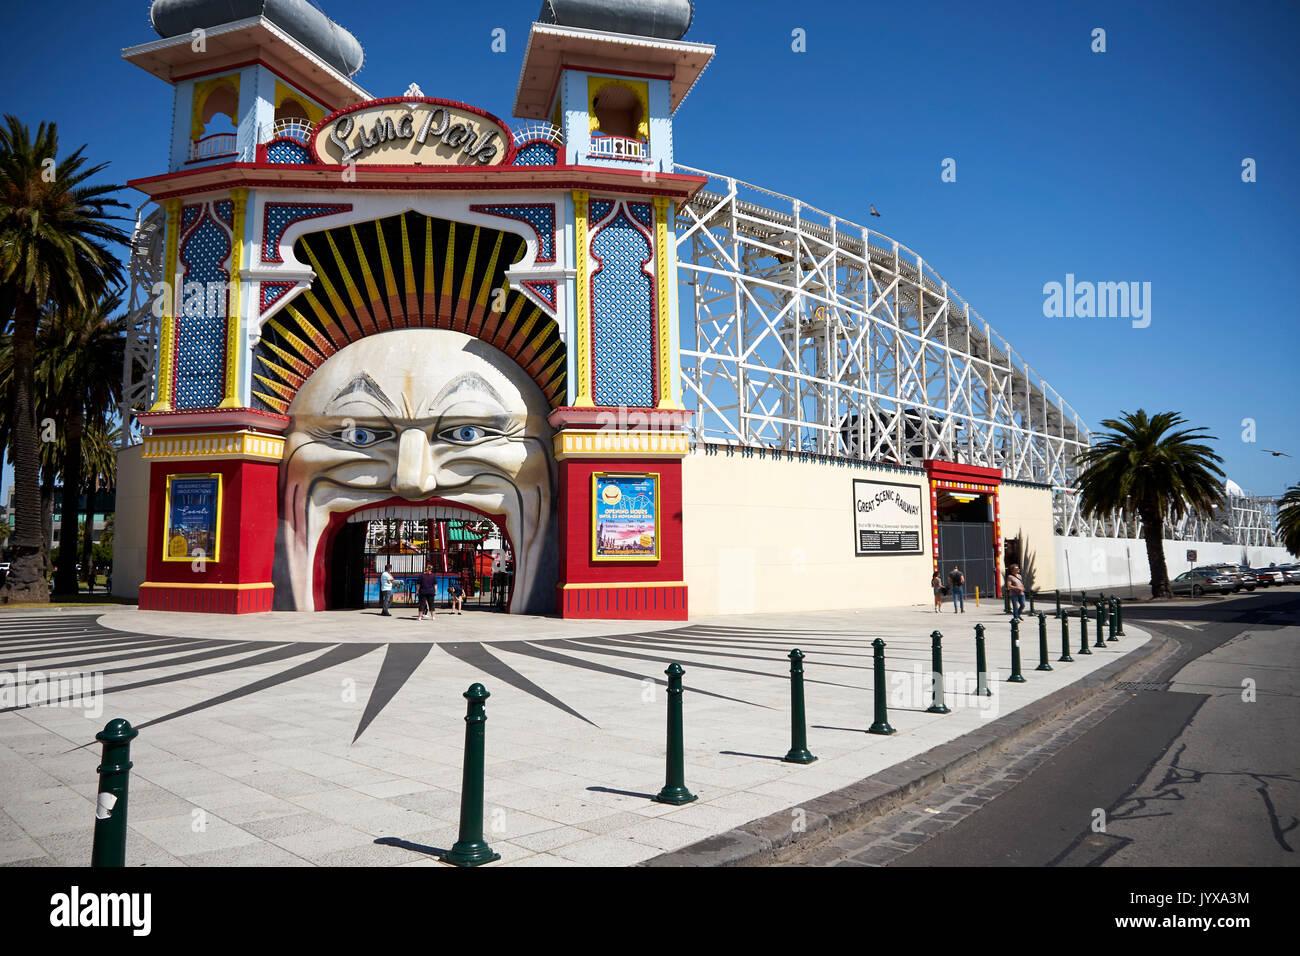 Luna park melbourne stock photos luna park melbourne for Puerta 7 luna park